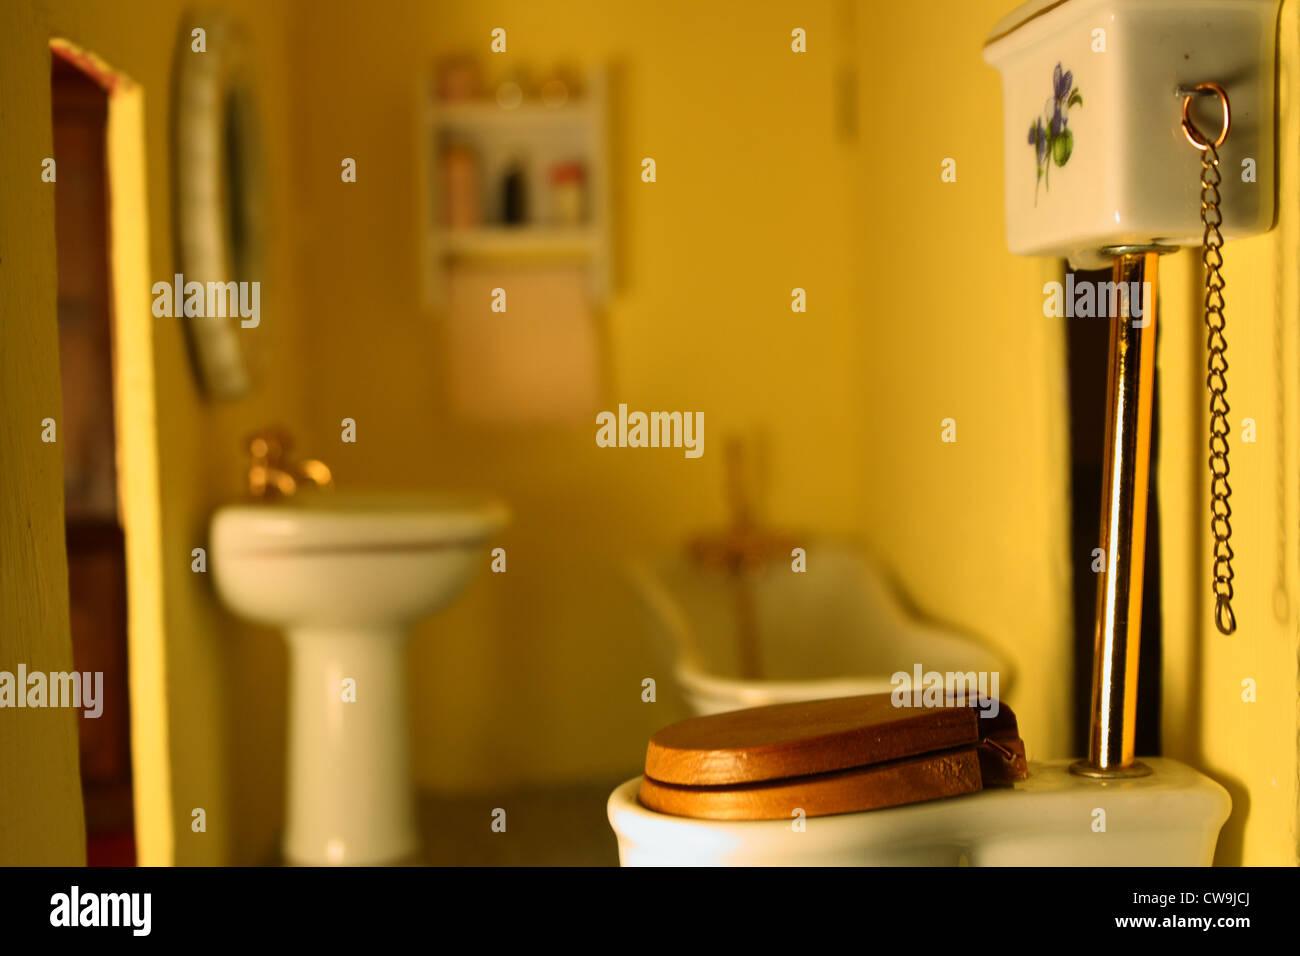 Badezimmer in ein Puppenhaus Stockfoto, Bild: 49999170 - Alamy